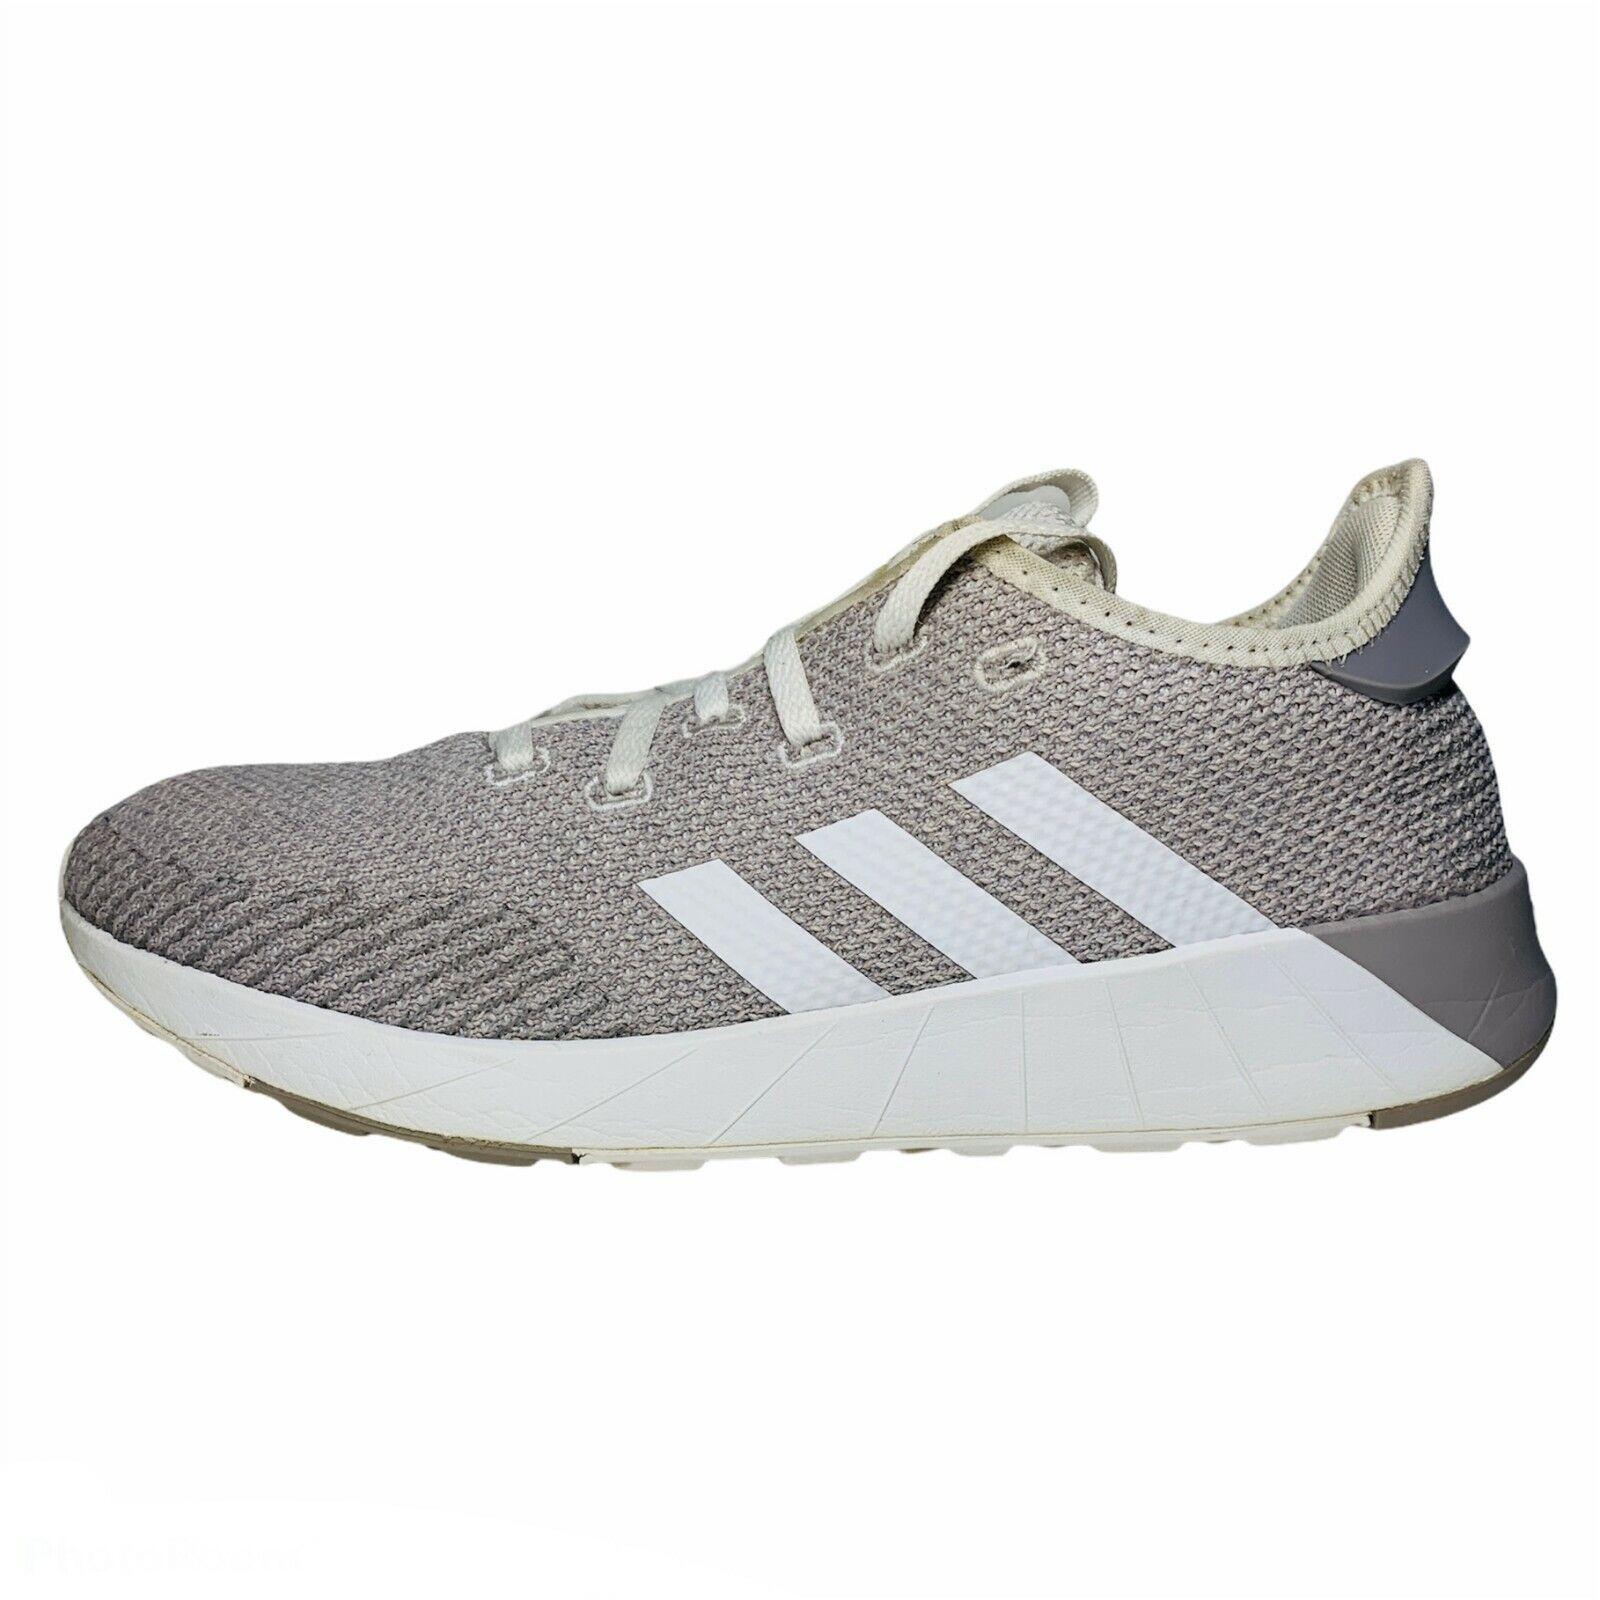 Adidas Femmes Questar X BYD B96488 cloadfoam GRIS Chaussures de course à lacets taille 9 m